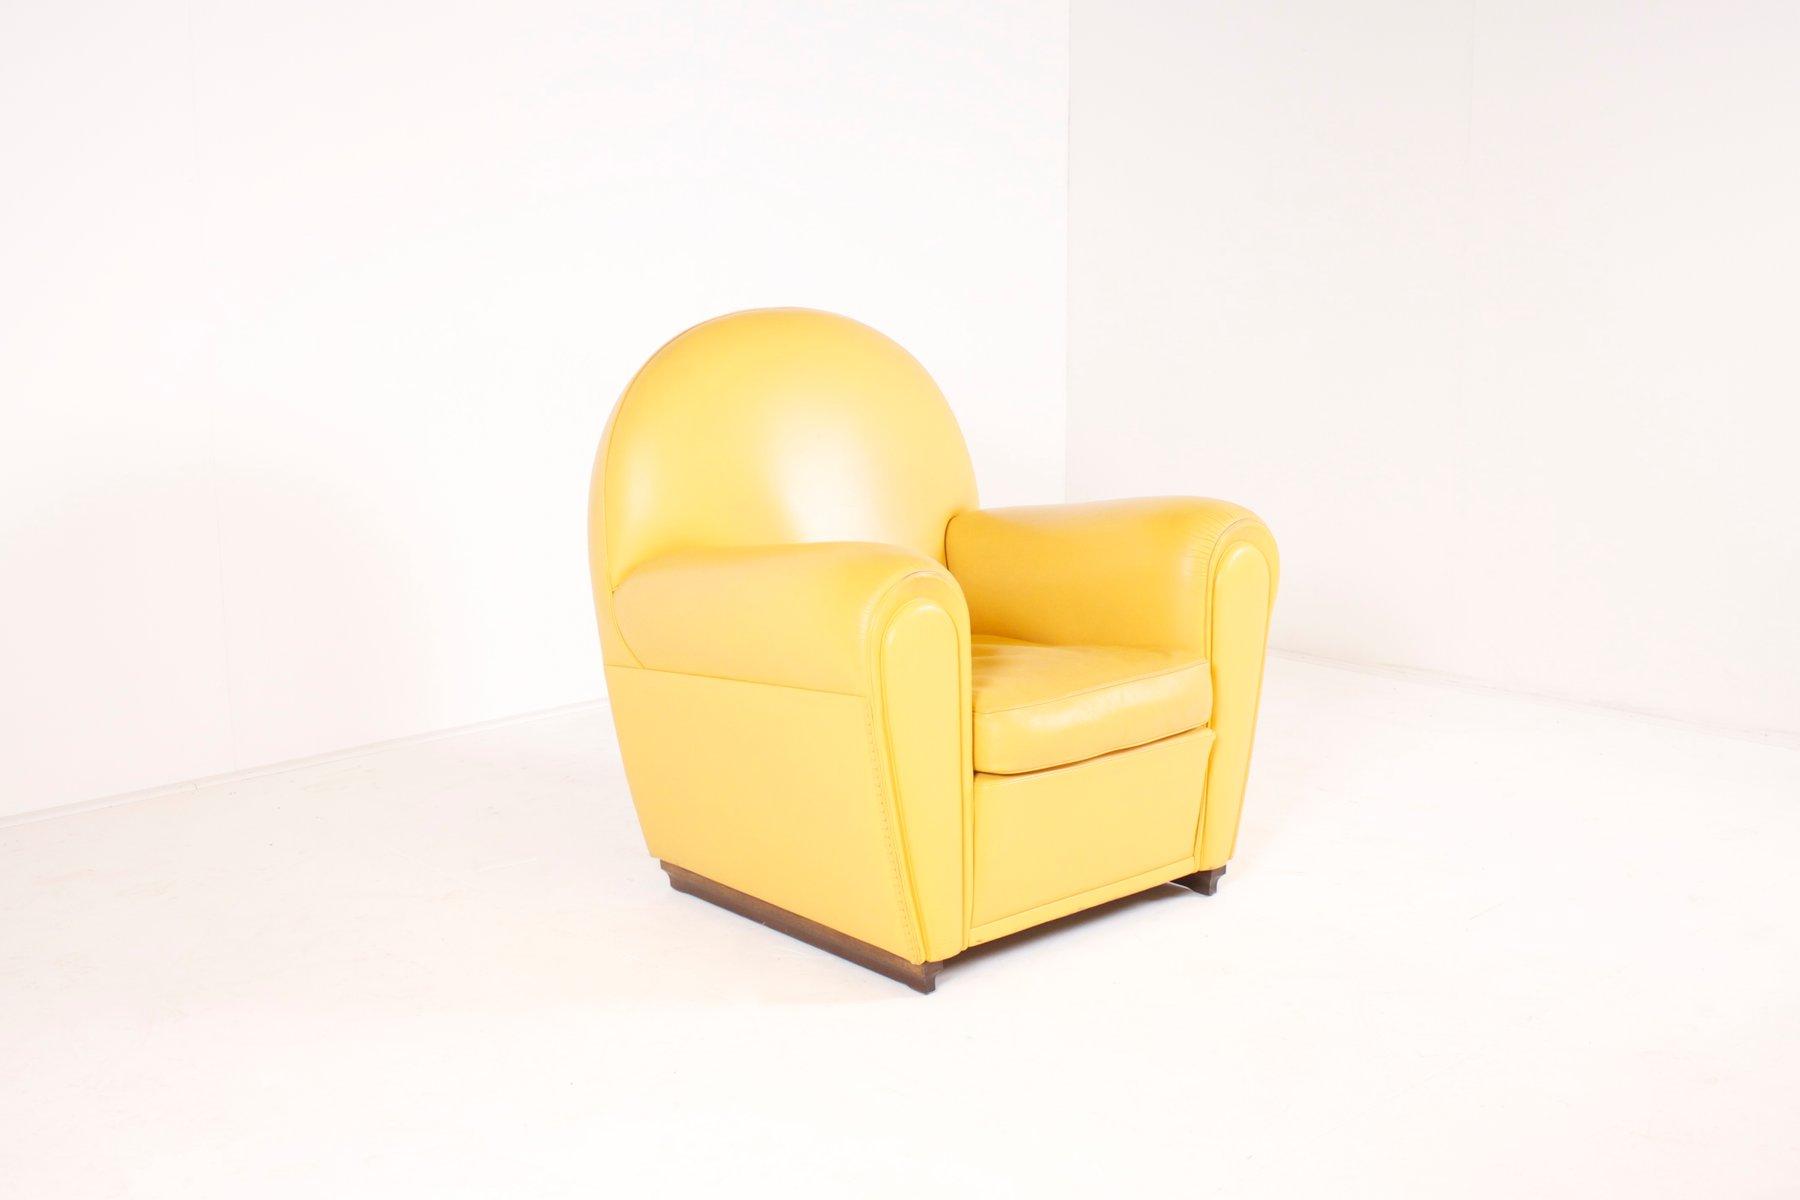 Italian Vanity Fair Armchair By Renzo Frau For Poltrona